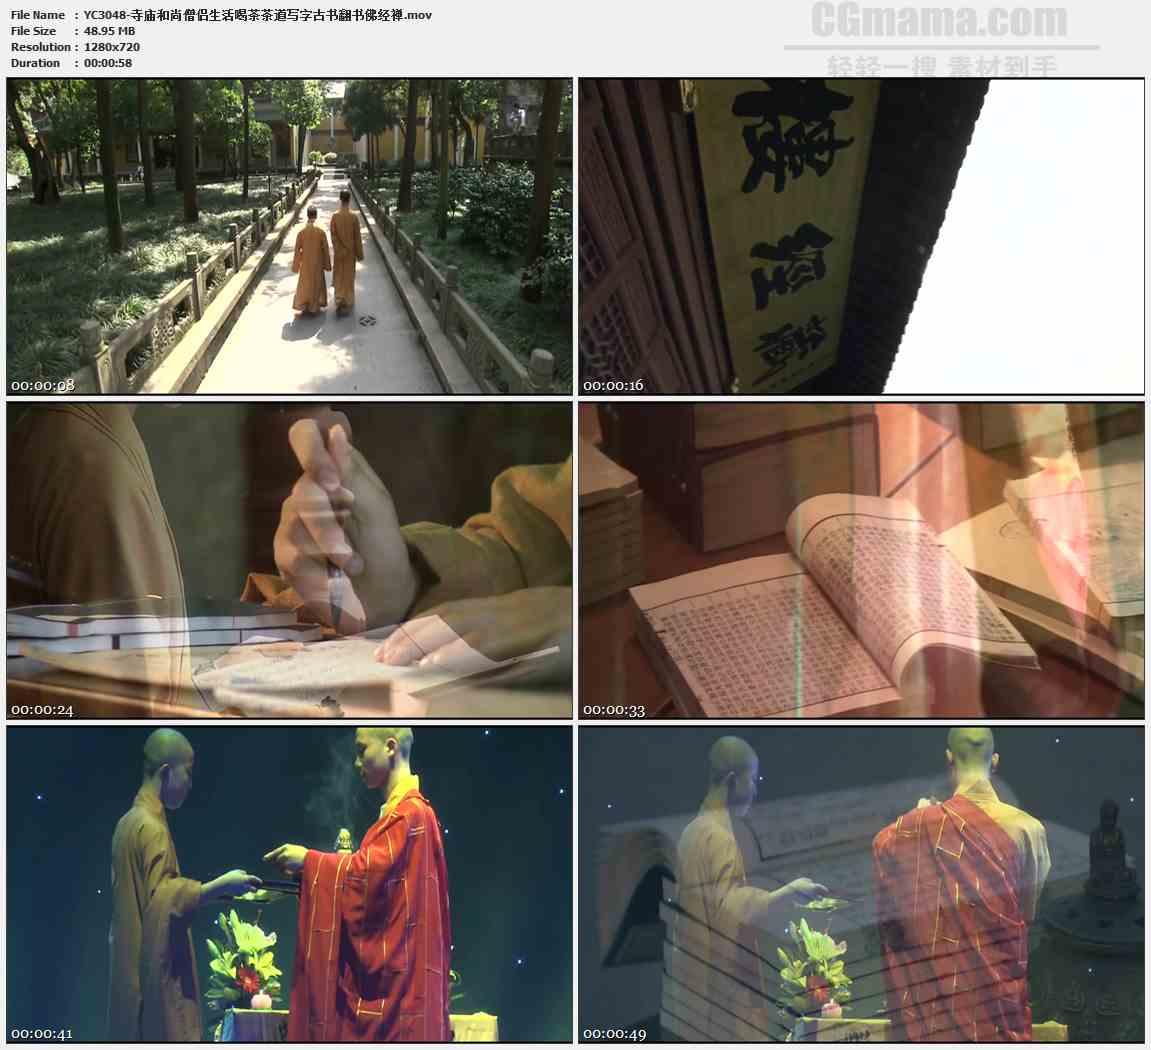 YC3048-寺庙和尚僧侣生活喝茶茶道写字古书翻书佛经禅高清实拍视频素材